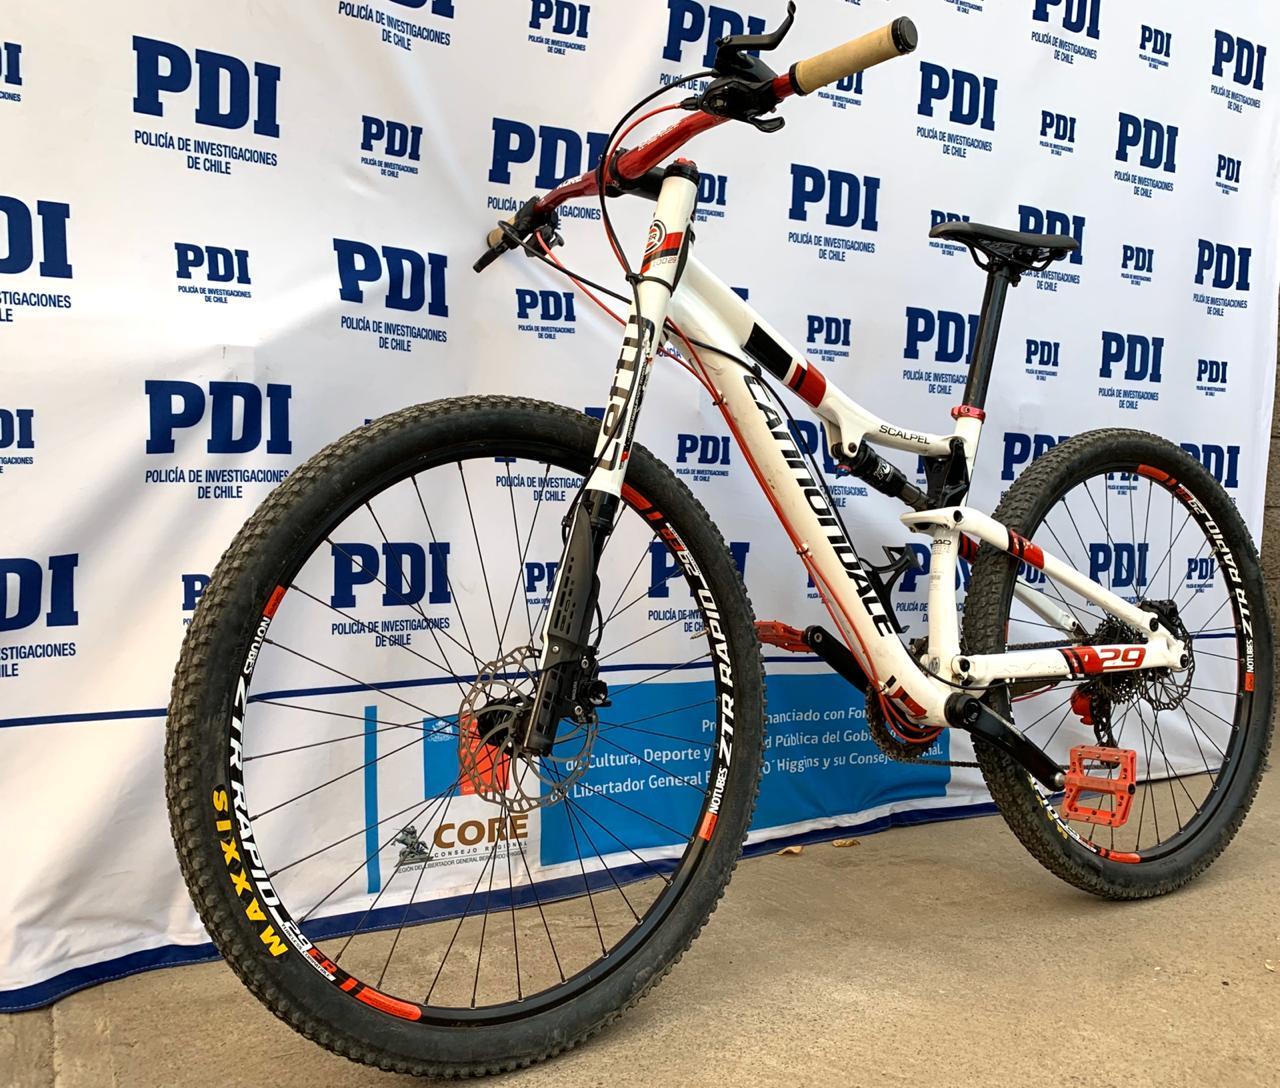 PDI recupera bicicleta de alta gama robada en Buin